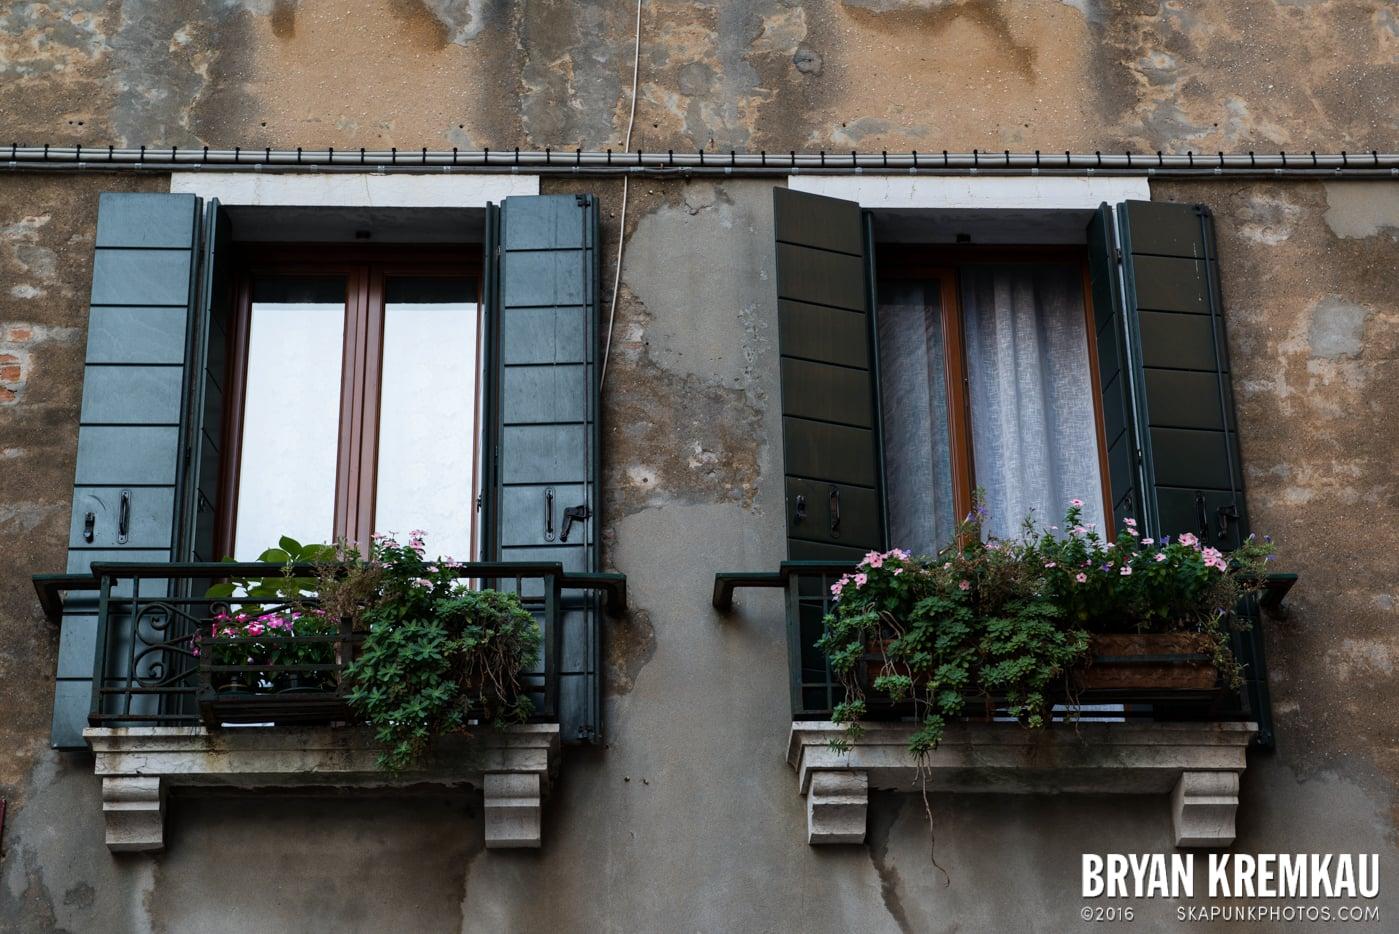 Italy Vacation - Day 4: Venice - 9.12.13 (35)